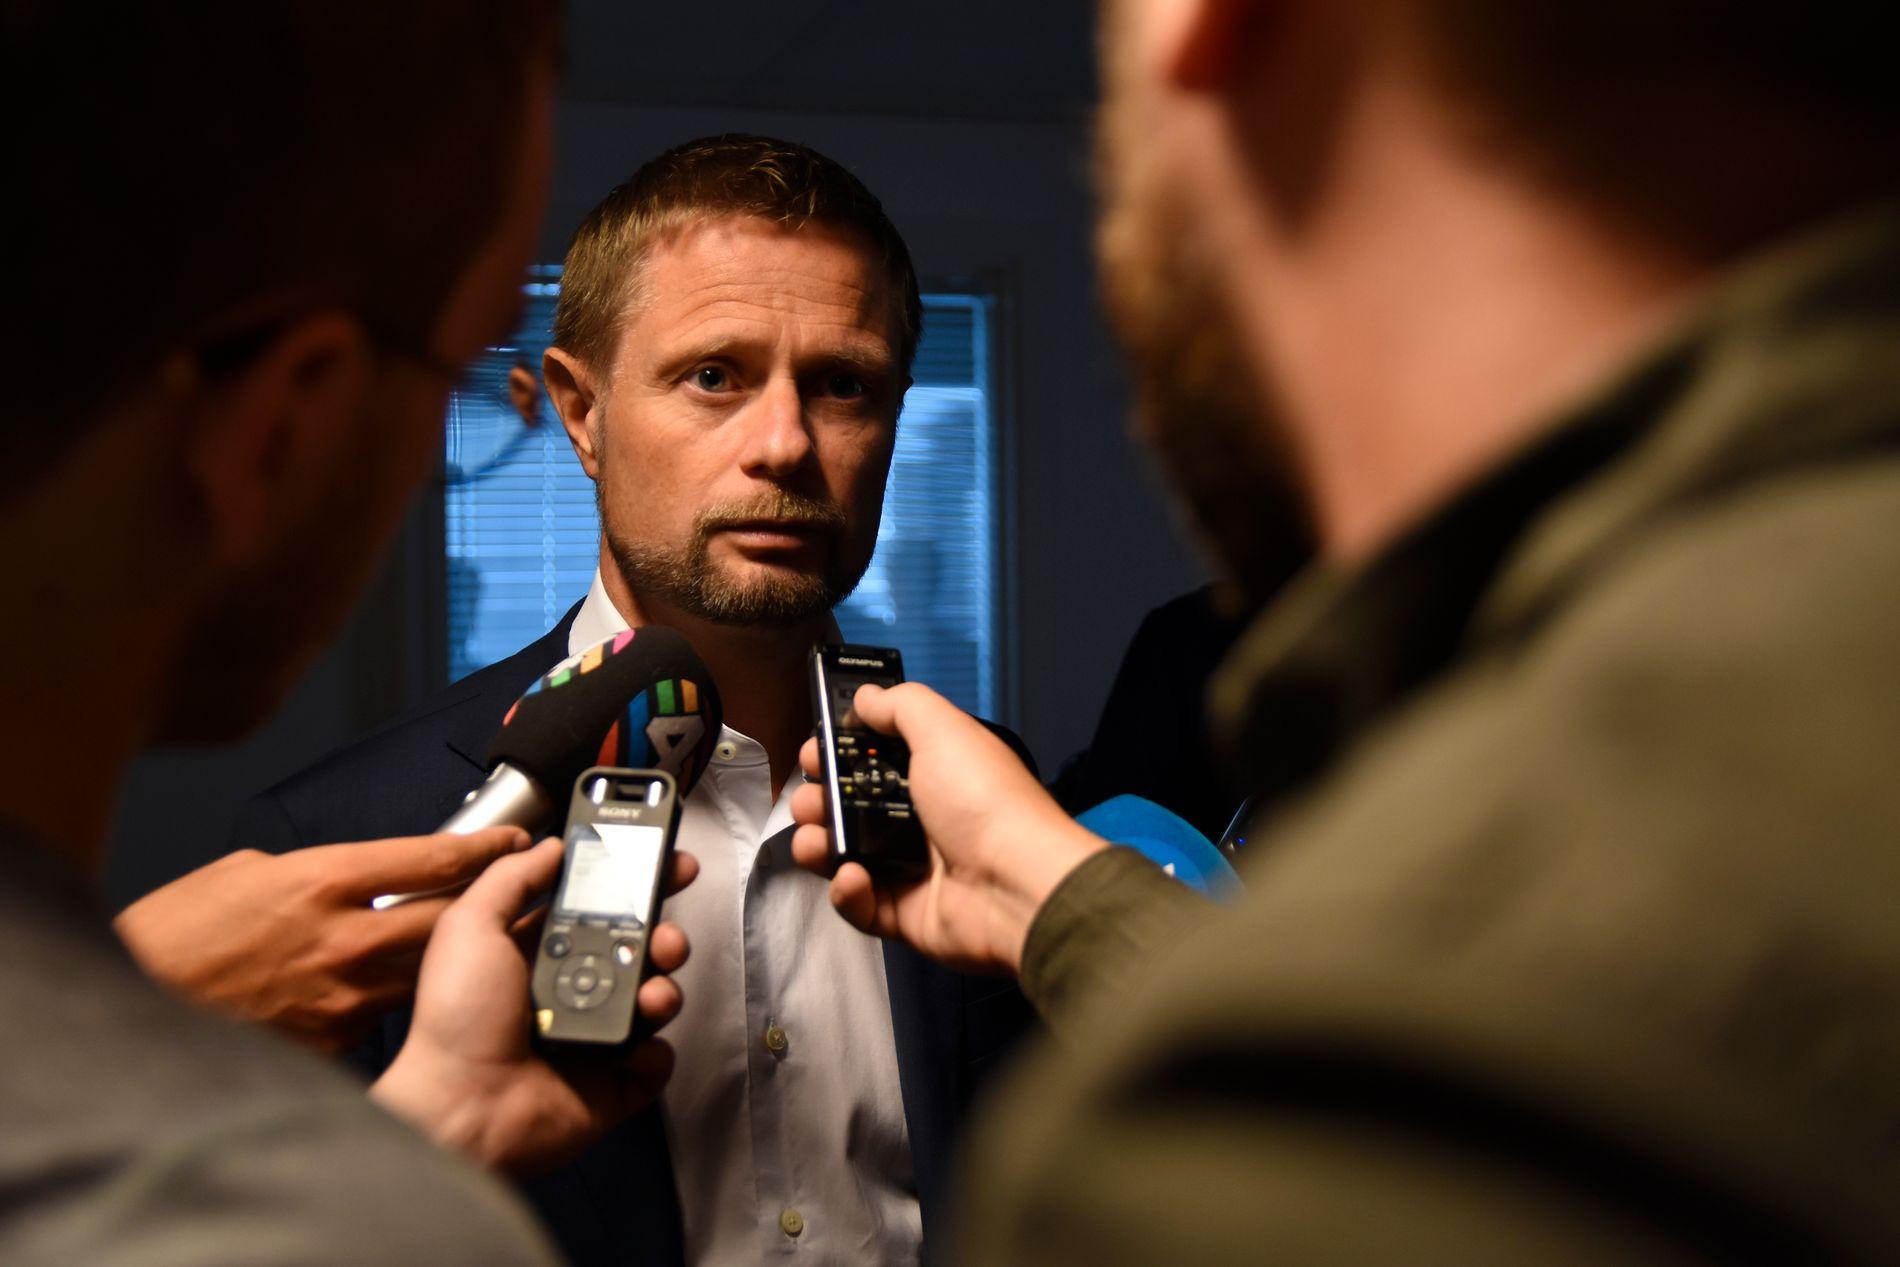 MØTE: Helseminister Bent Høie (H) møtte mandag morgen det akuttmedisinske miljøet ved Universitetssykehuset Nord-Norge, for å få informasjon om luftambulansetjenesten. Etter det møtte han Babcock.